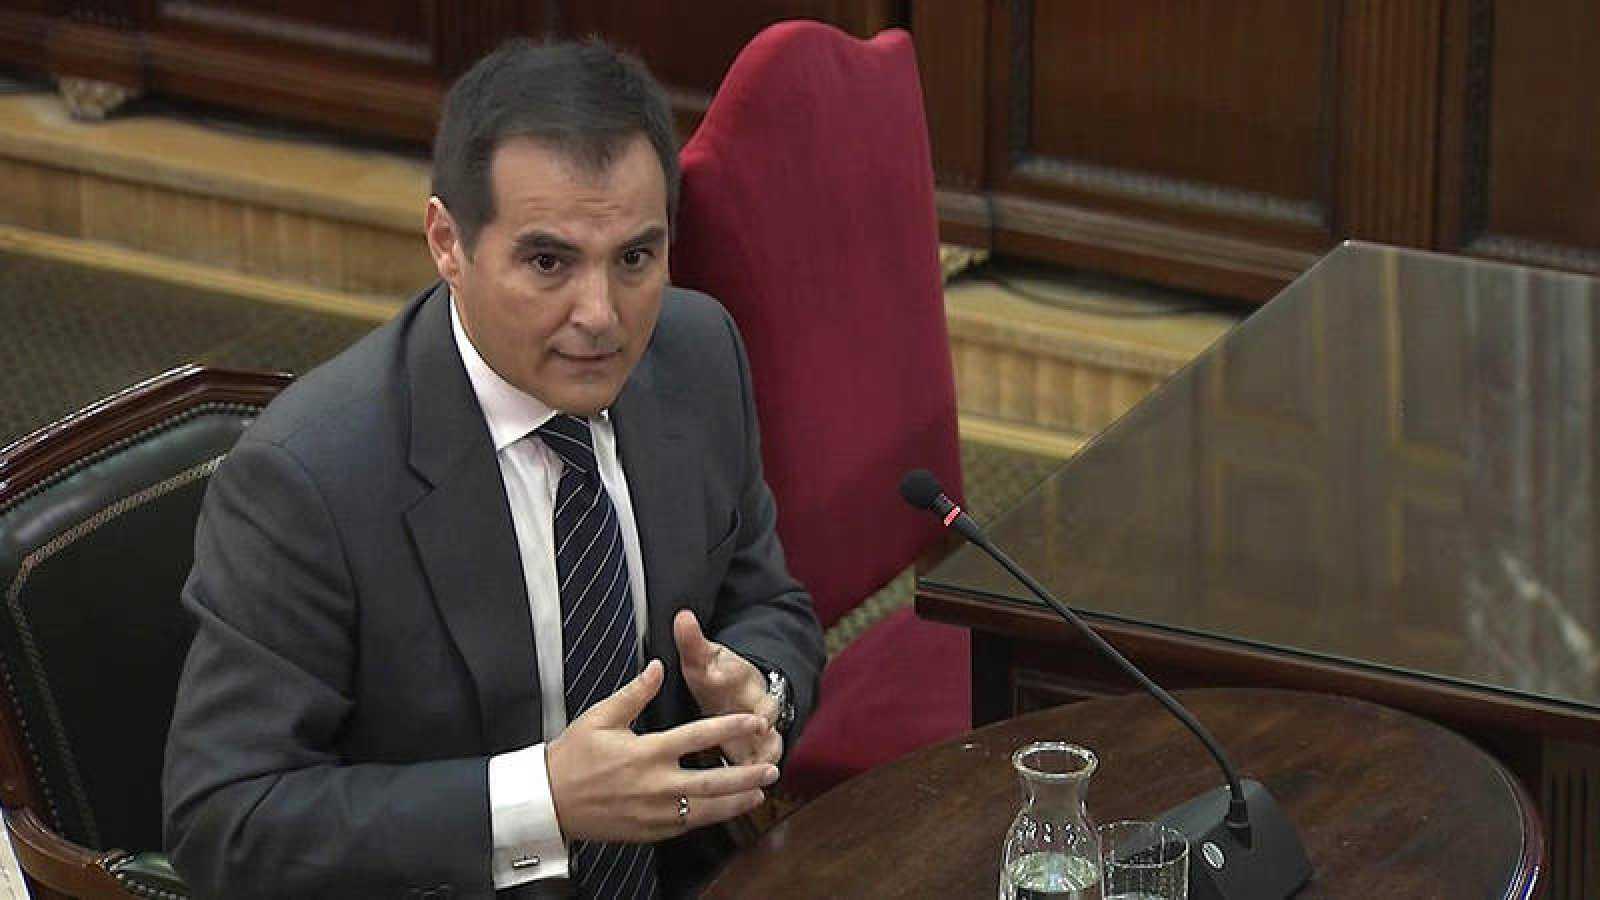 El exsecretario de Estado de Seguridad José Antonio Nieto, durante su declaración en el Tribunal Supremo. Efe/Tribunal Supremo